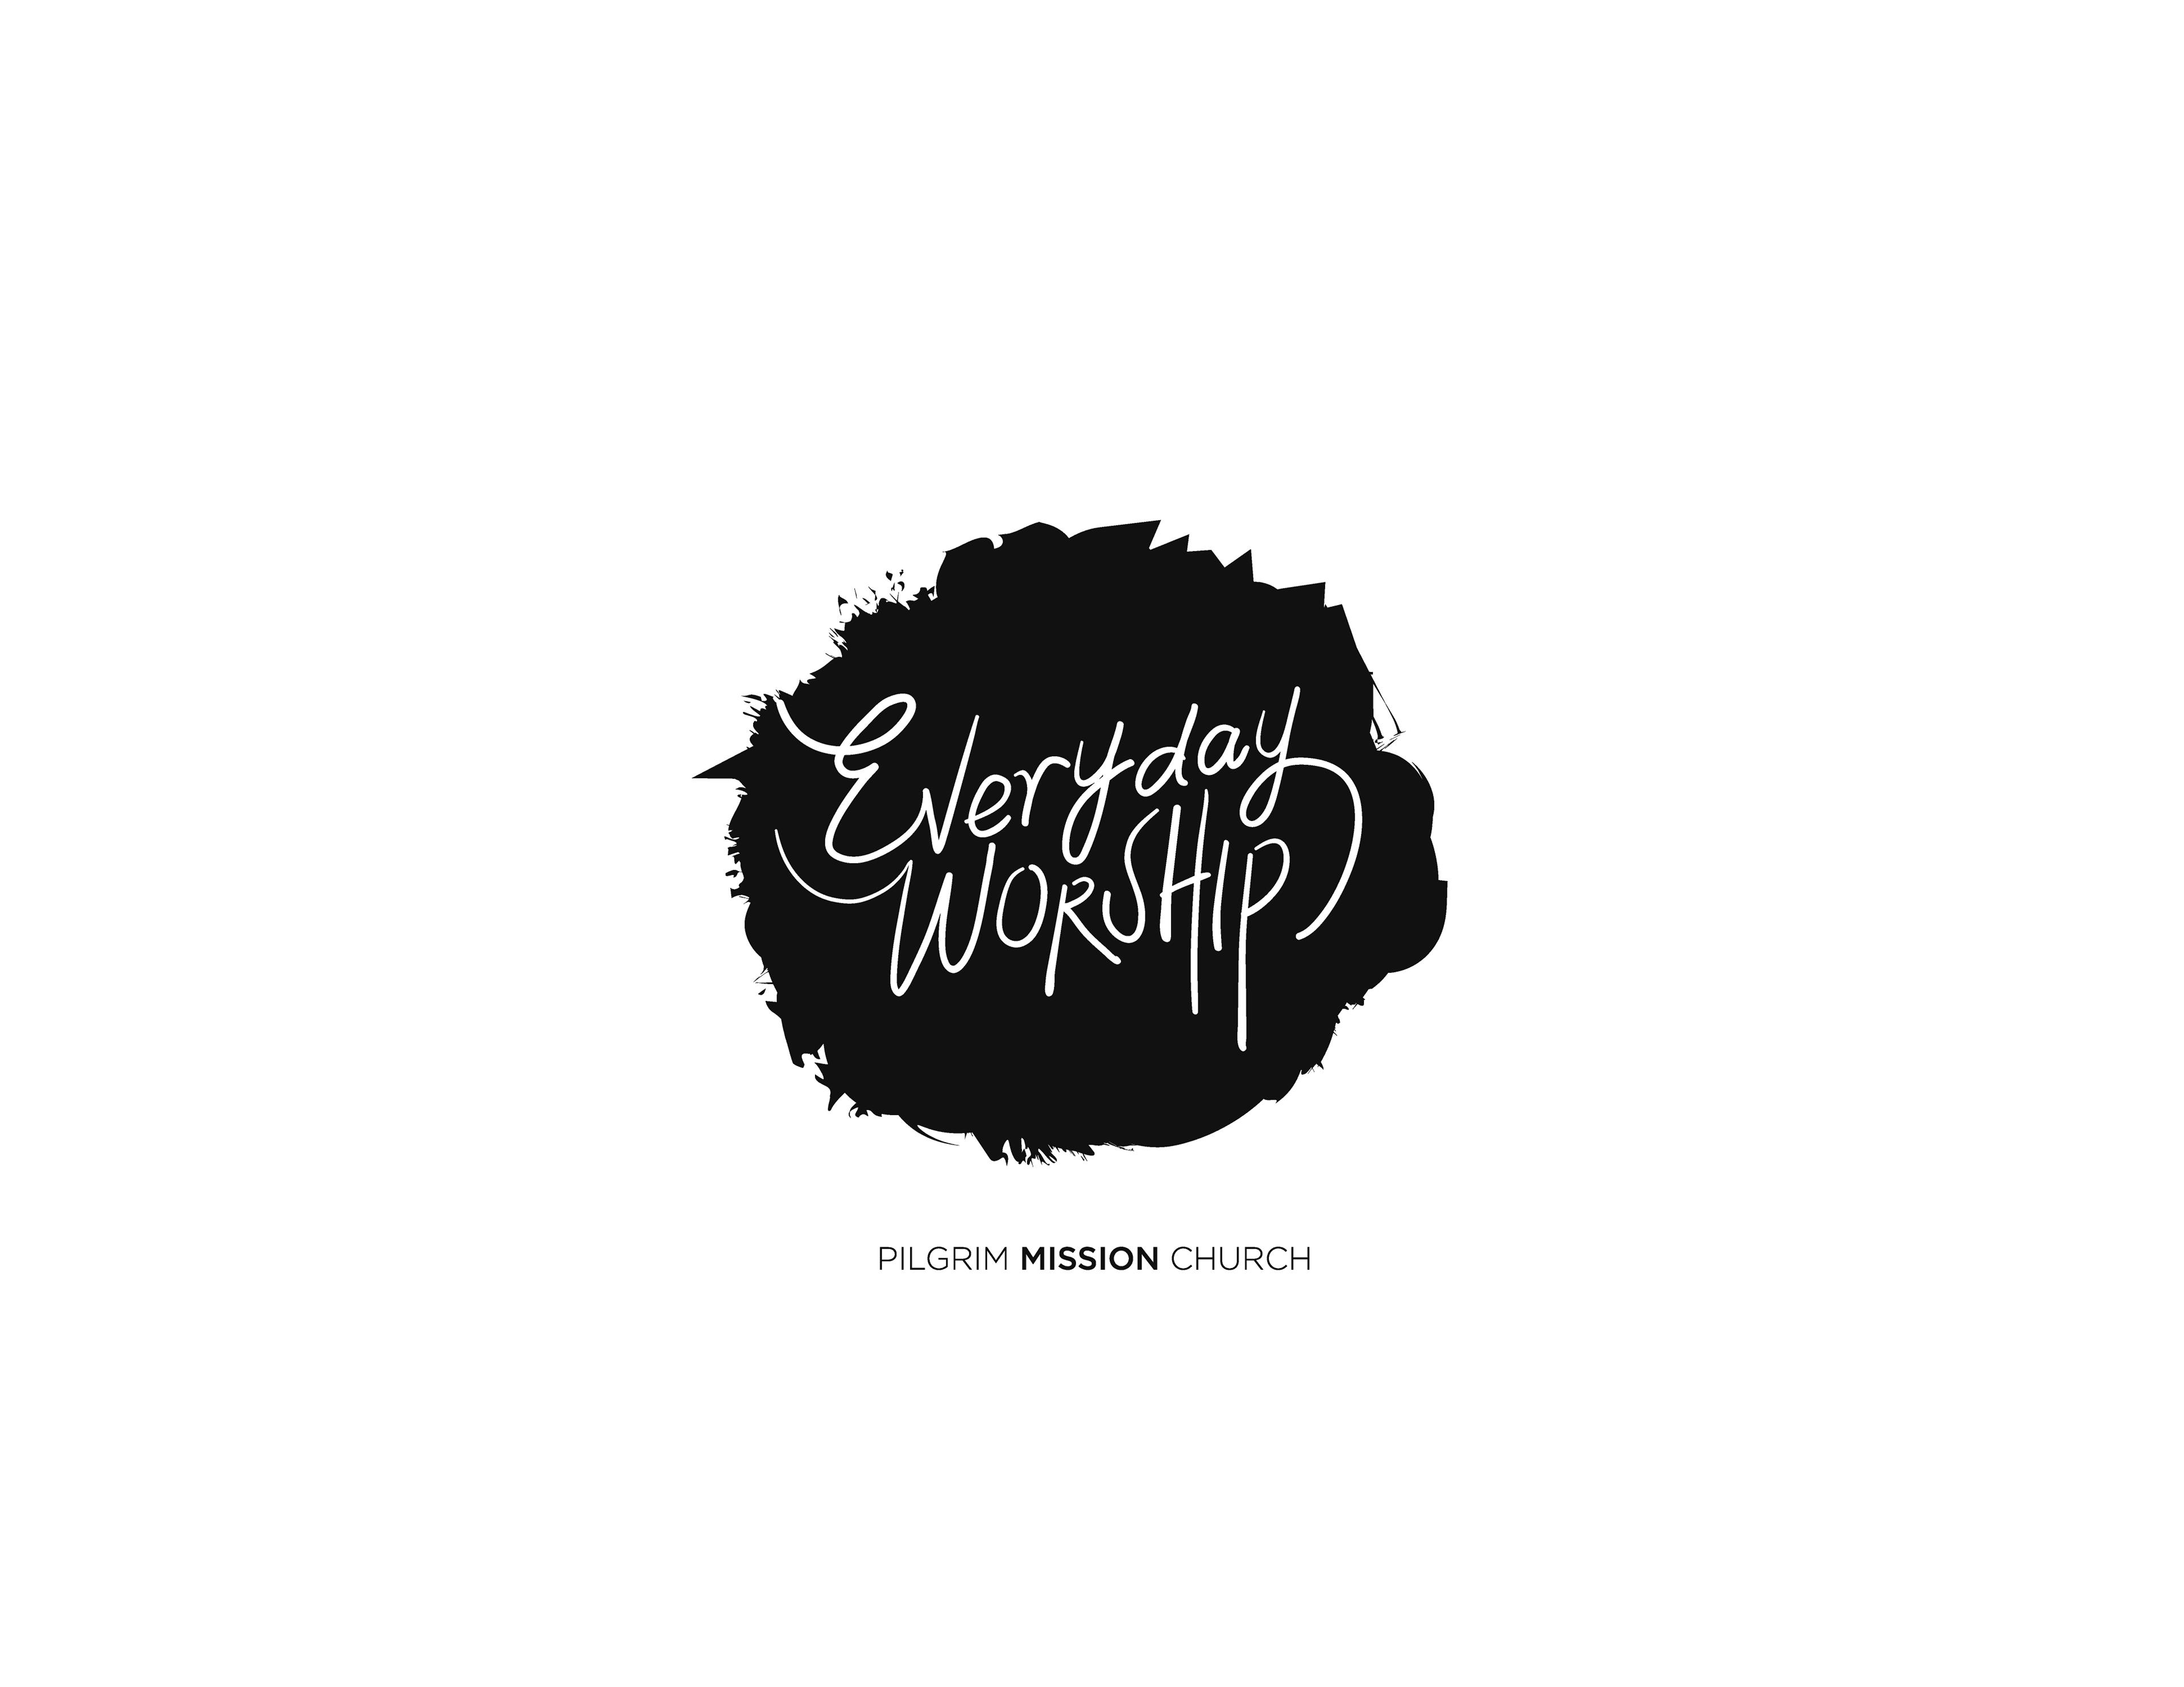 AFFECTEN - Design + New Media Art Studio - 어펙튼 - 디자인 & 아트 ...